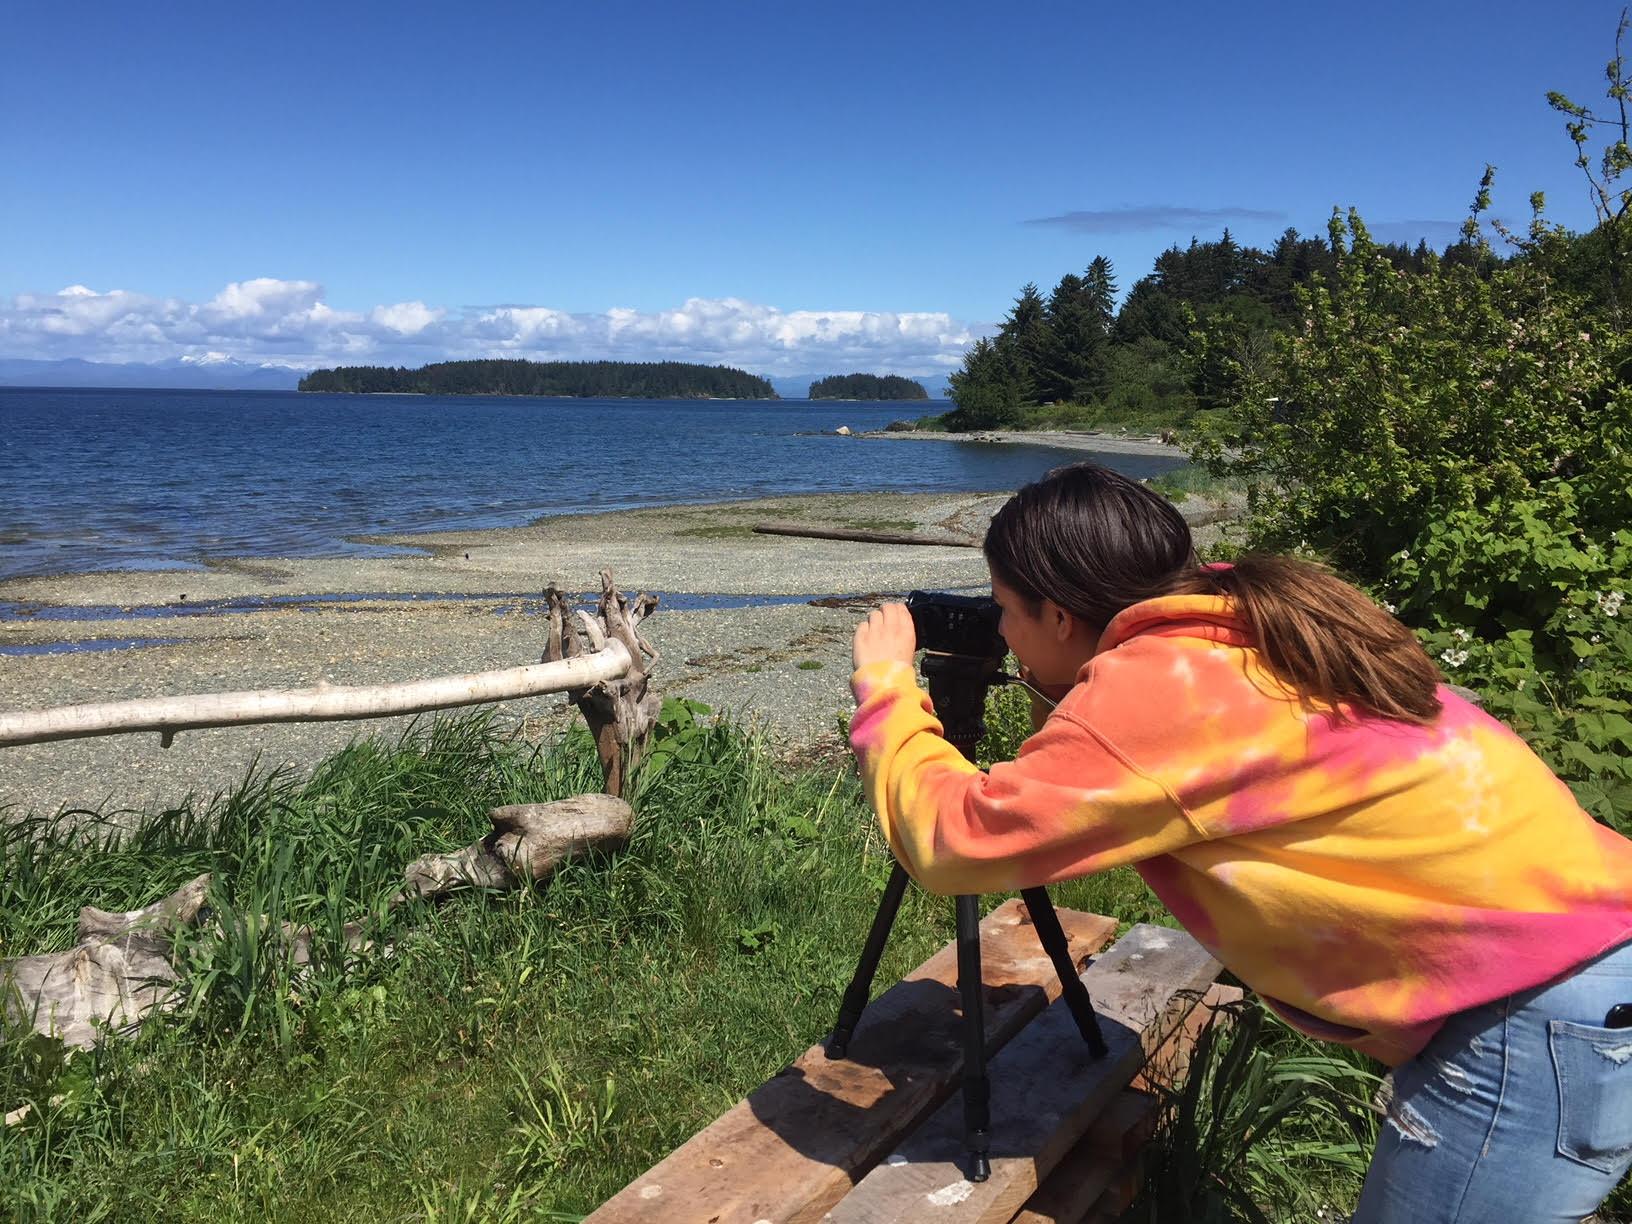 Jade captures the view